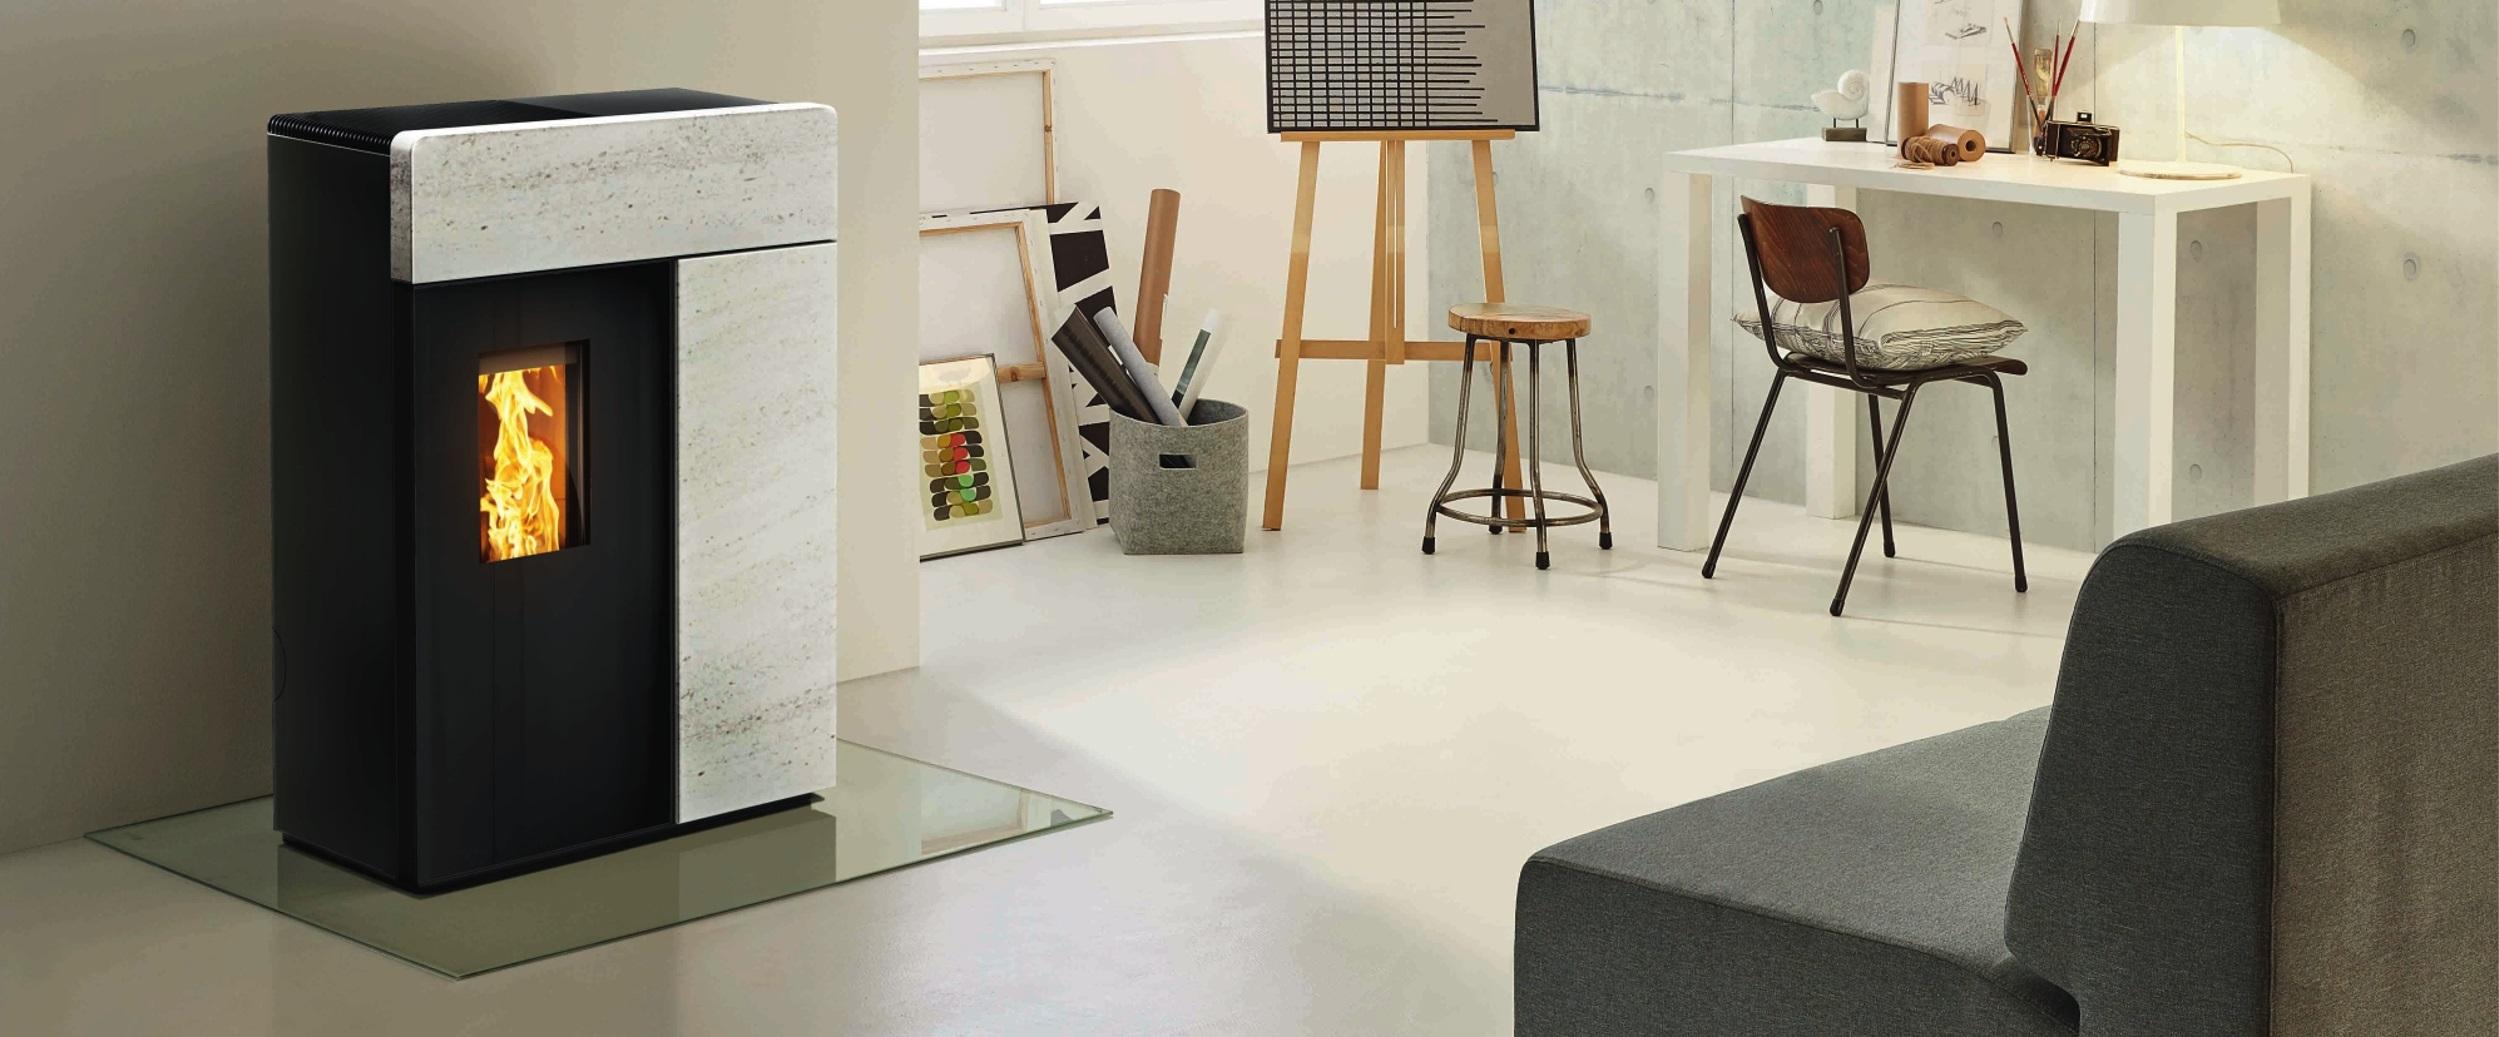 rika nantes sp cialiste du po le bois et granul s dans le 44. Black Bedroom Furniture Sets. Home Design Ideas